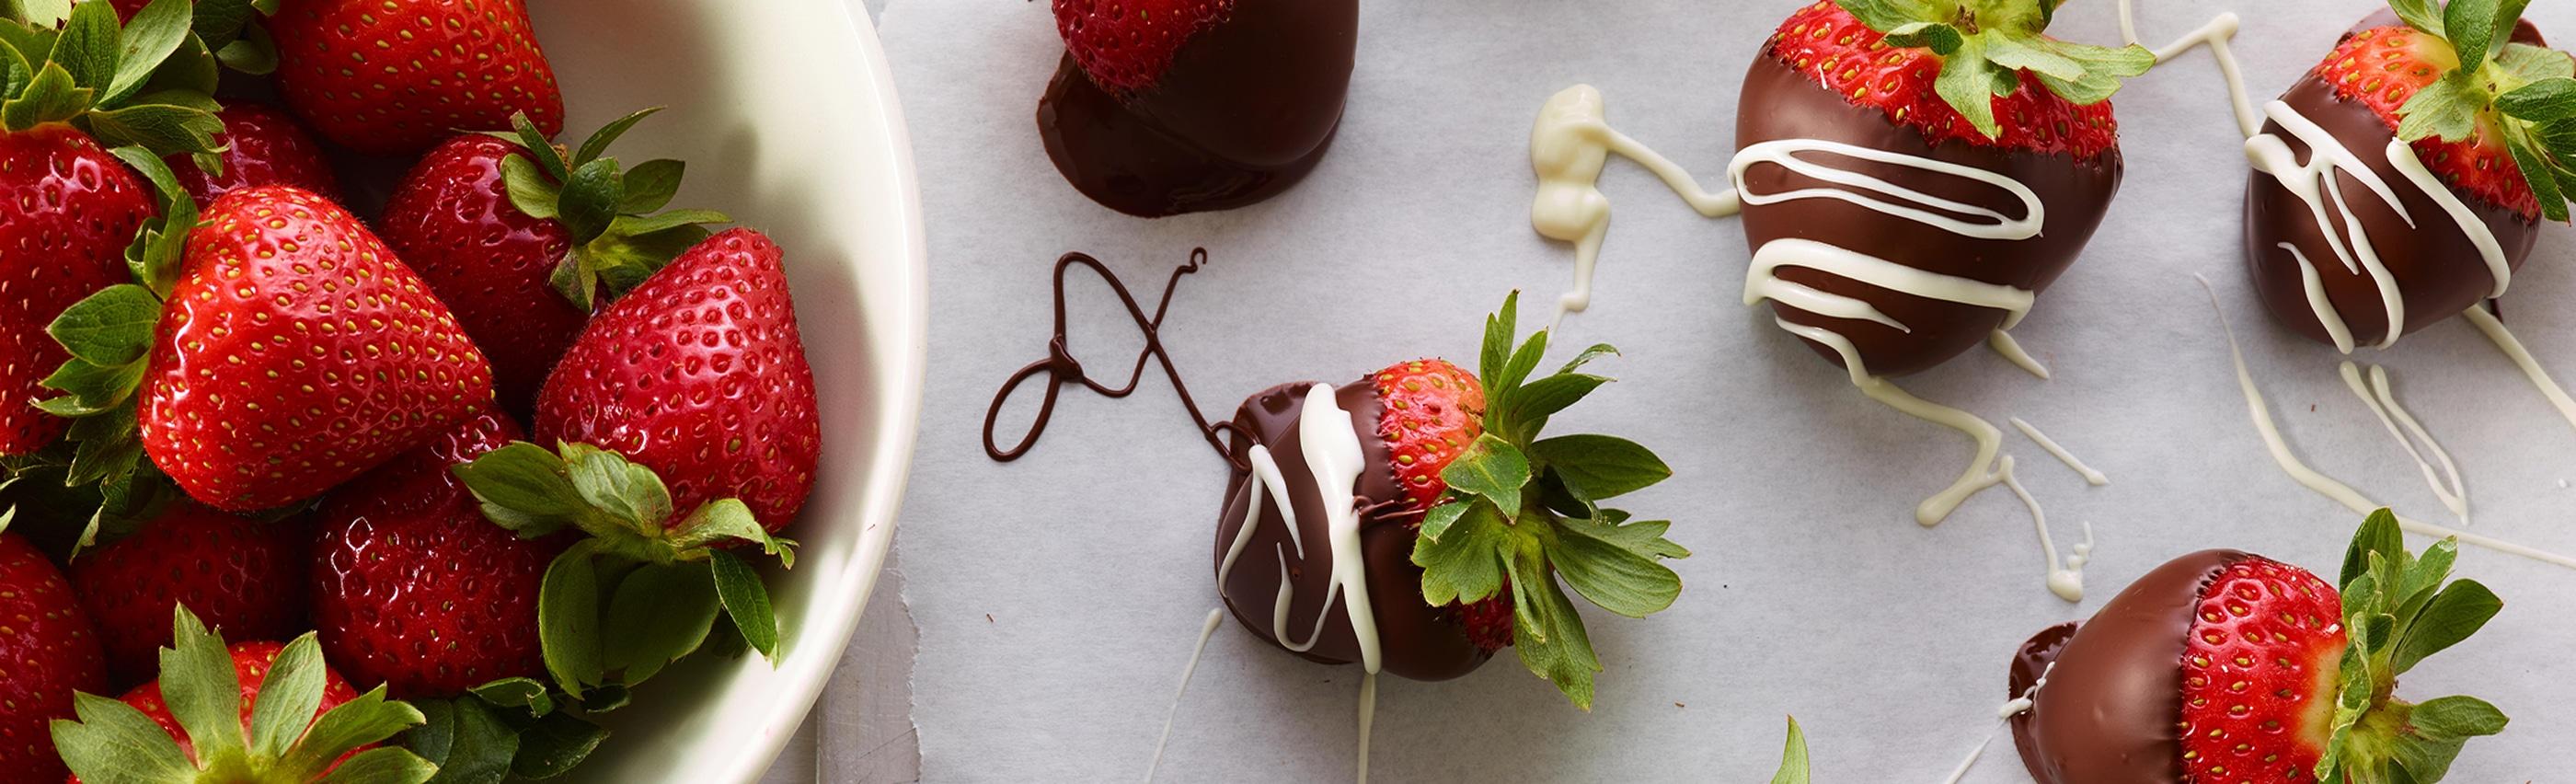 Hershey's Niagara Falls Chocolate Covered Strawberries